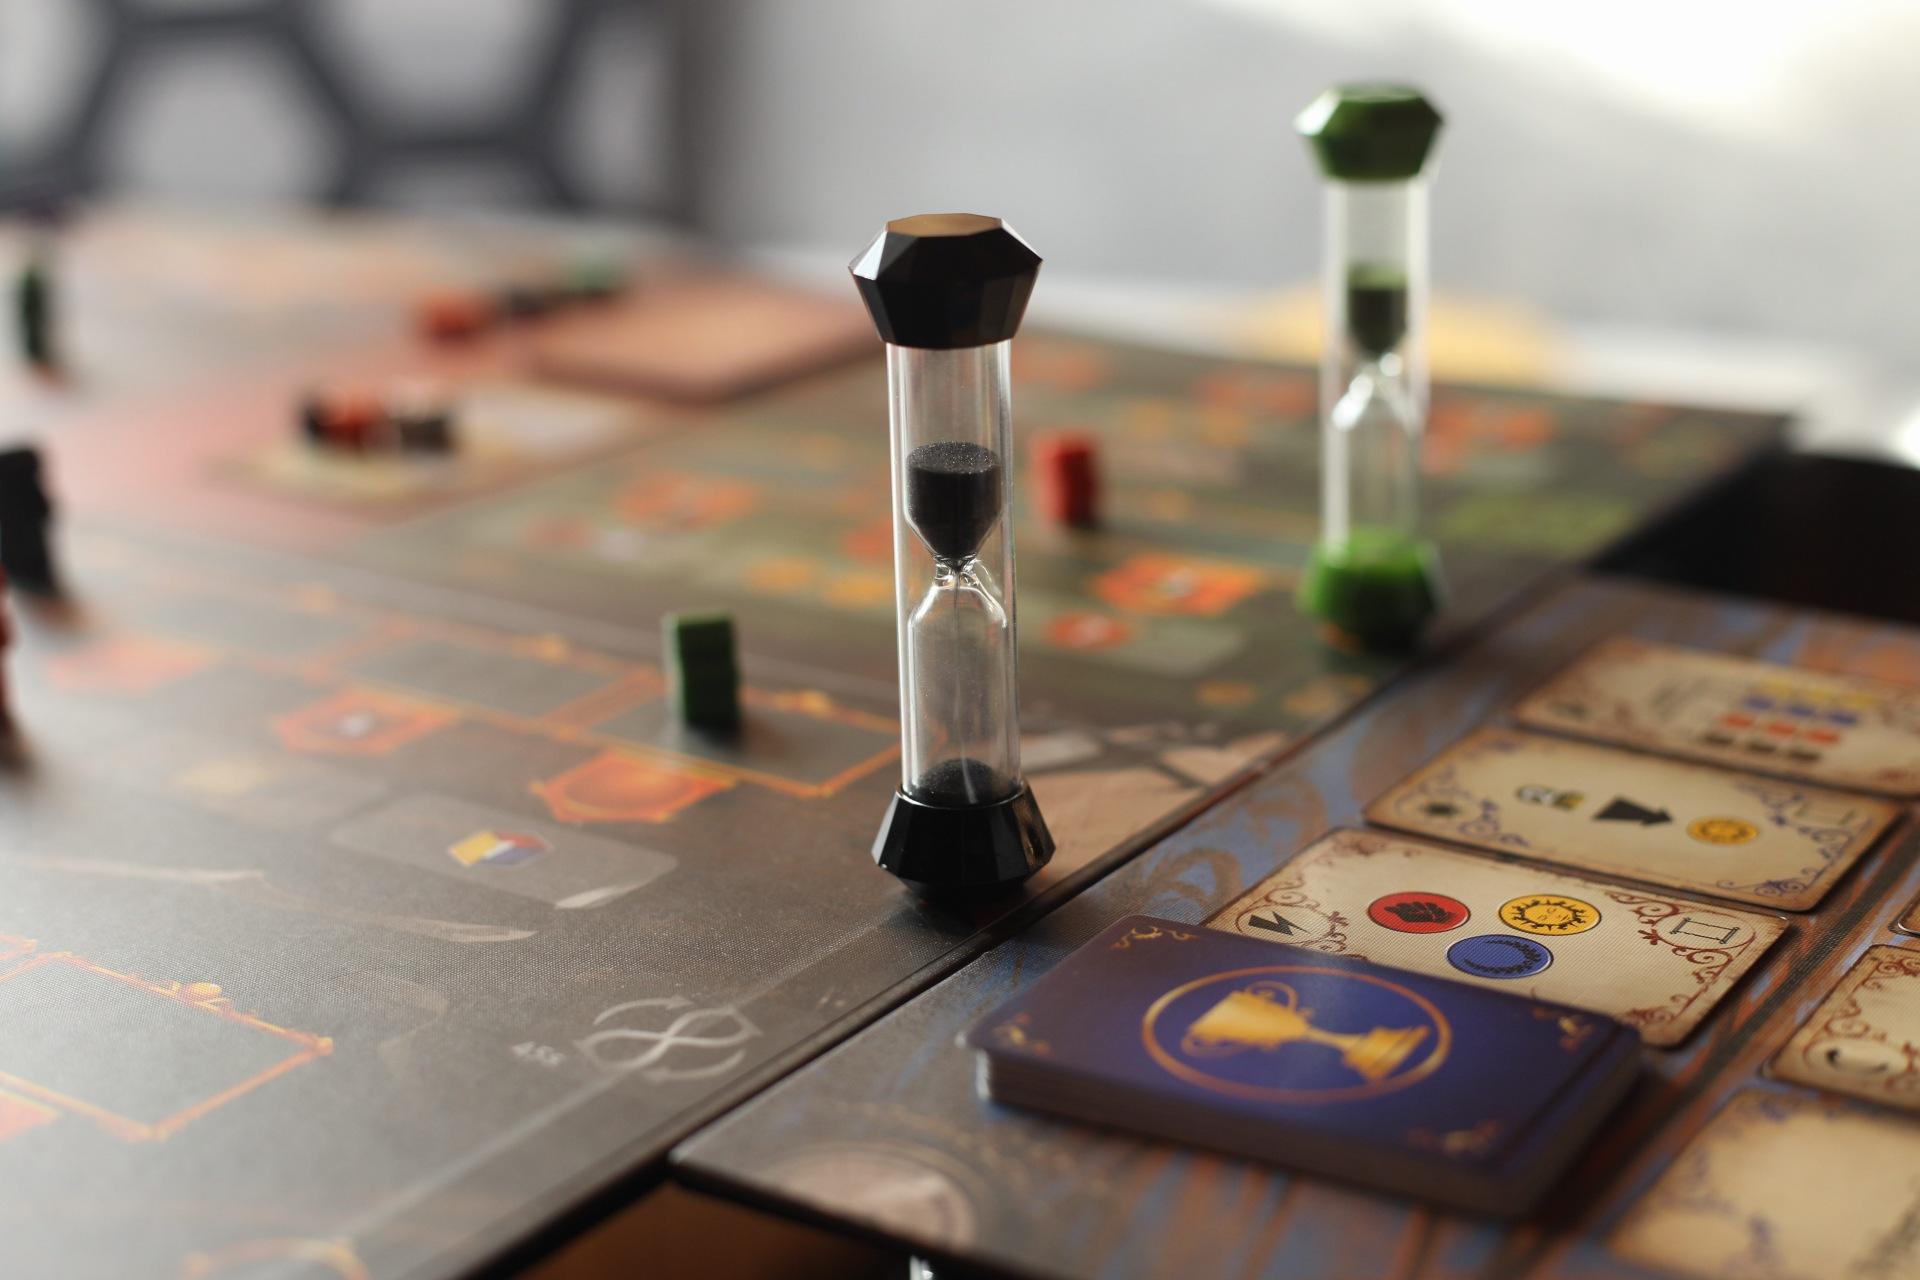 Najdôležitejšou časťou hry sú presýpacie hodiny (Foto: PoP-Cult Magazín)